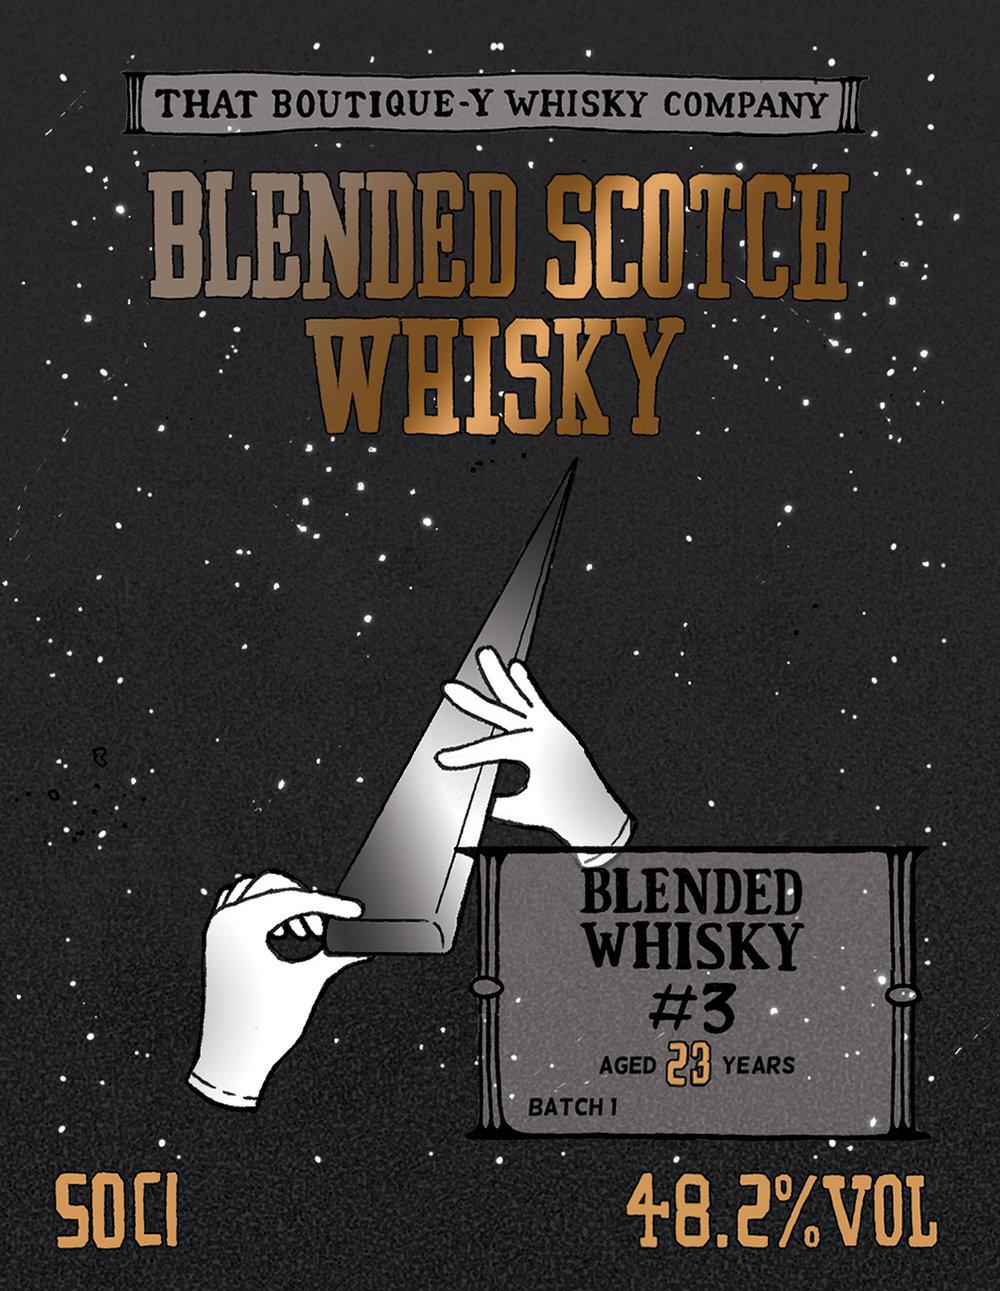 Blended Scotch Whisky 3 B1.jpg